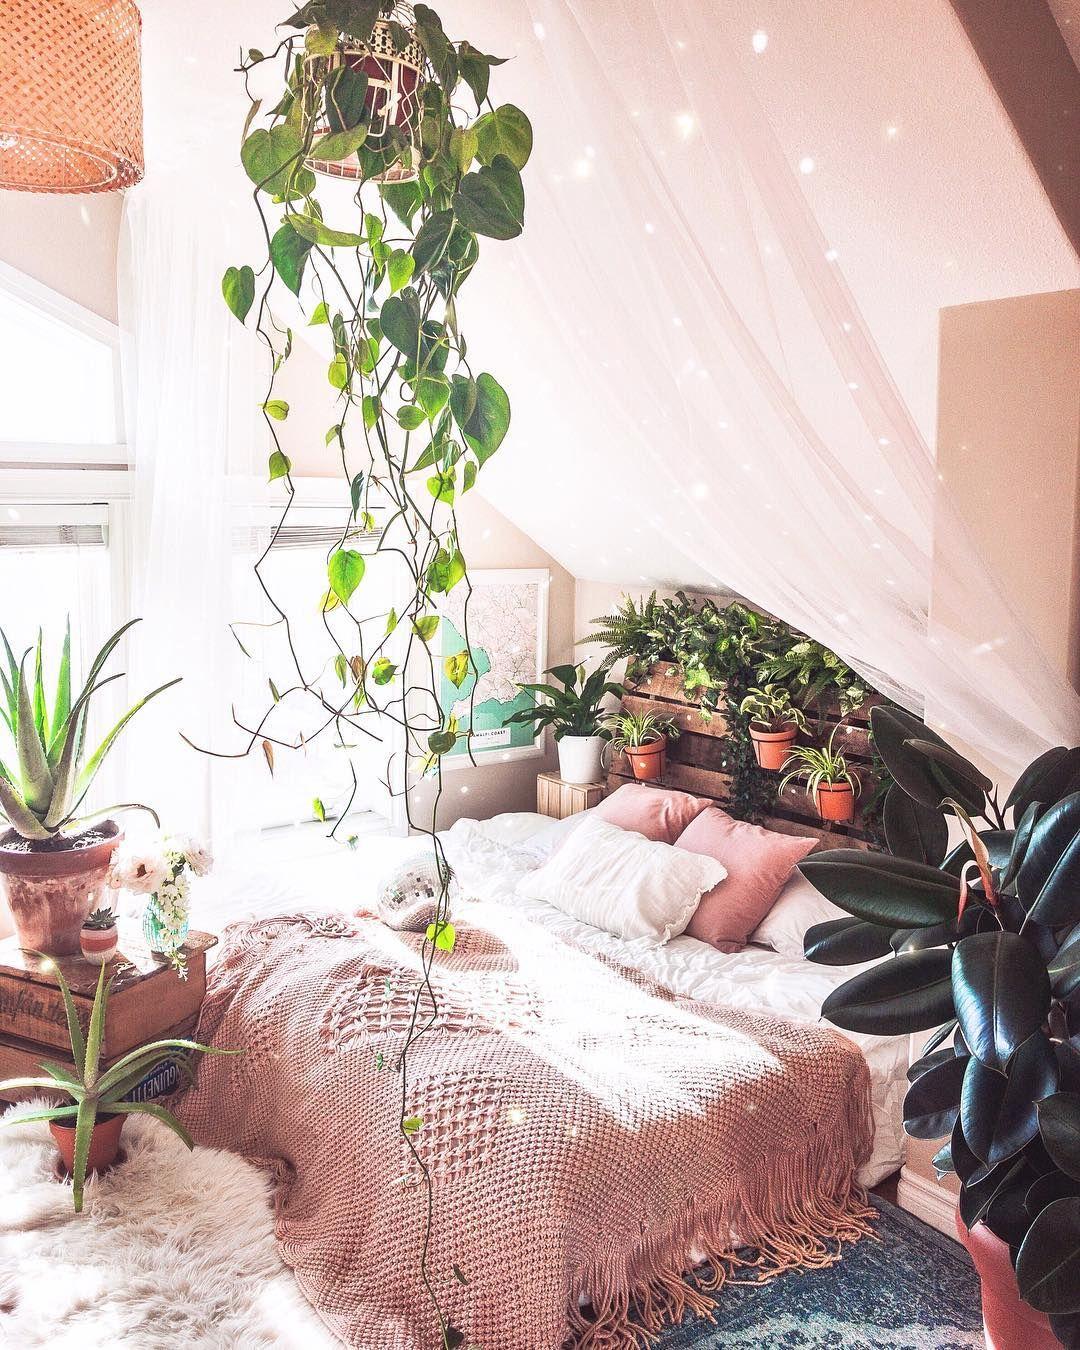 het is een groot misverstand dat planten in de slaapkamer ongezond zouden zijn wees daarom